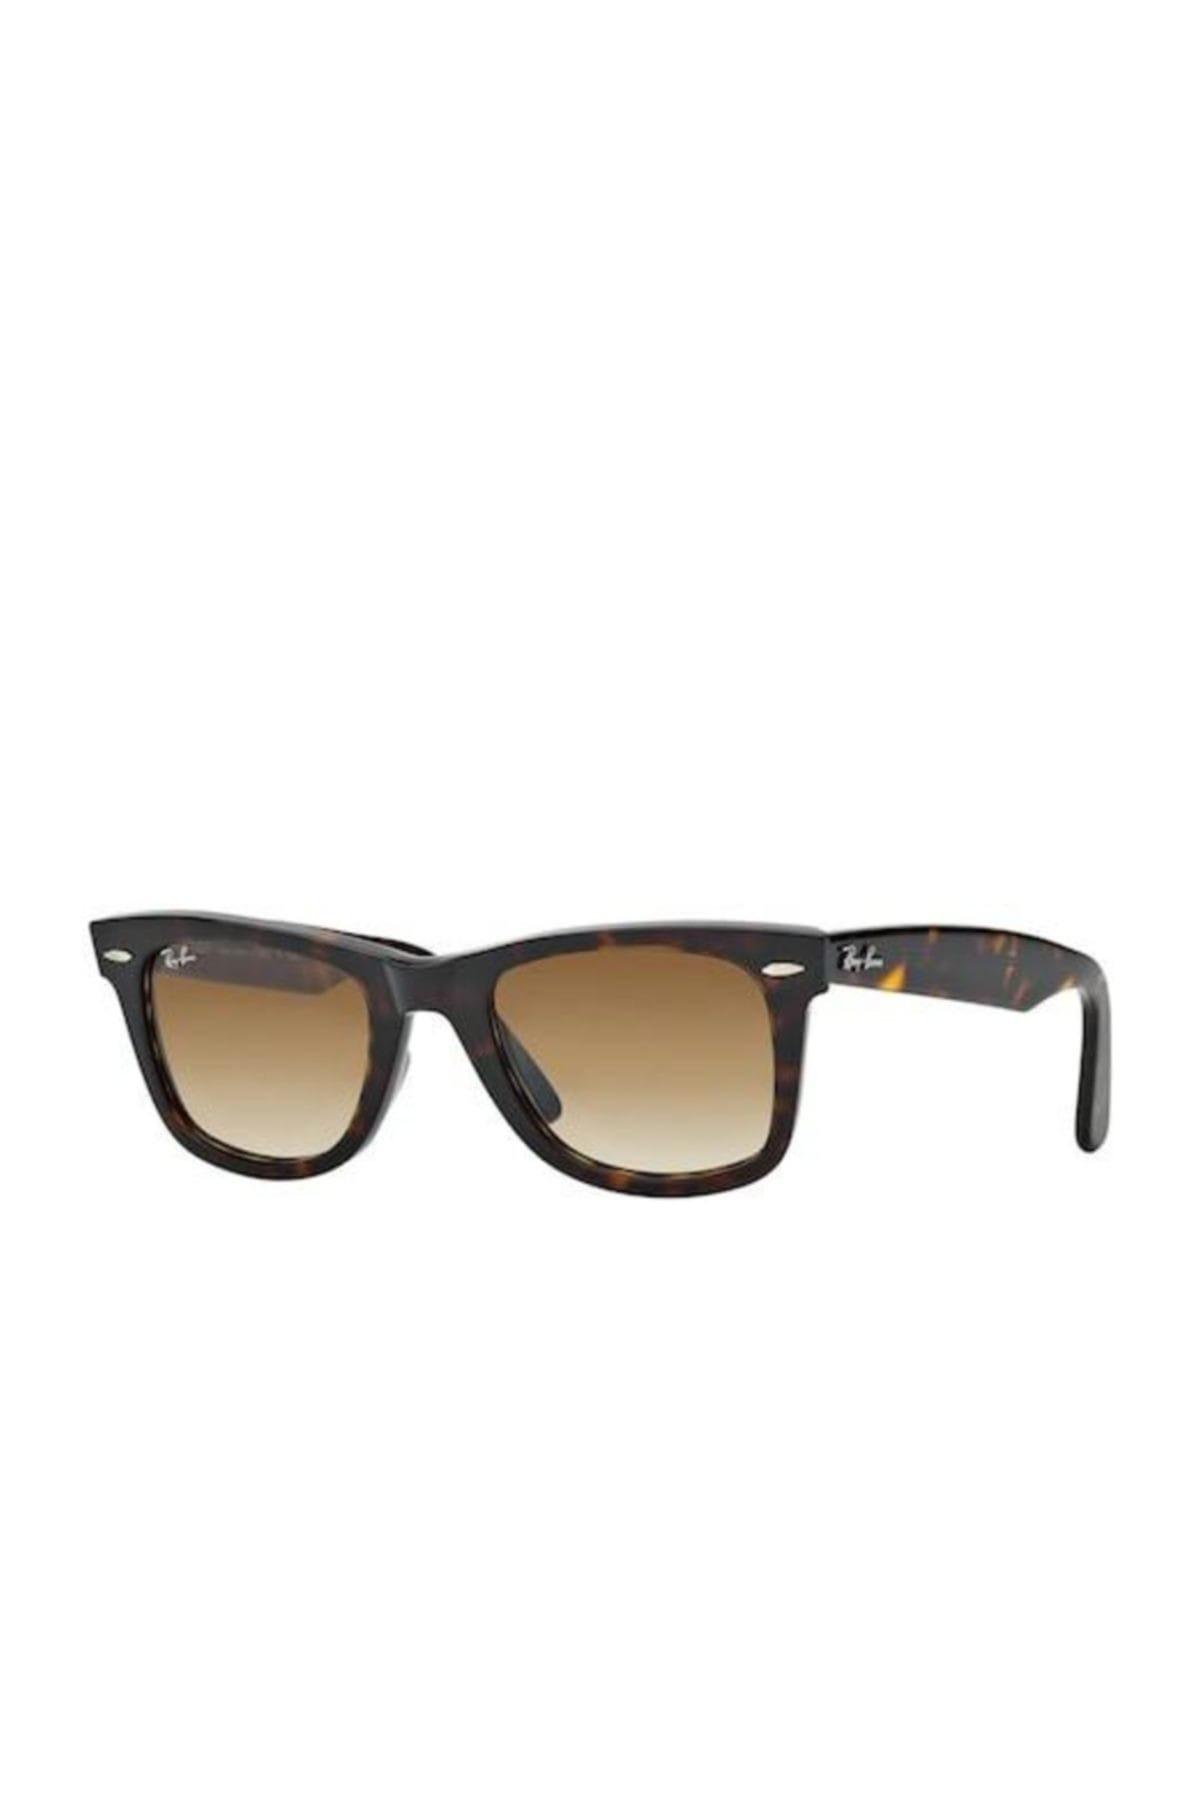 خرید نقدی عینک آفتابی پاییزی زنانه برند ری بن کد ty6118114